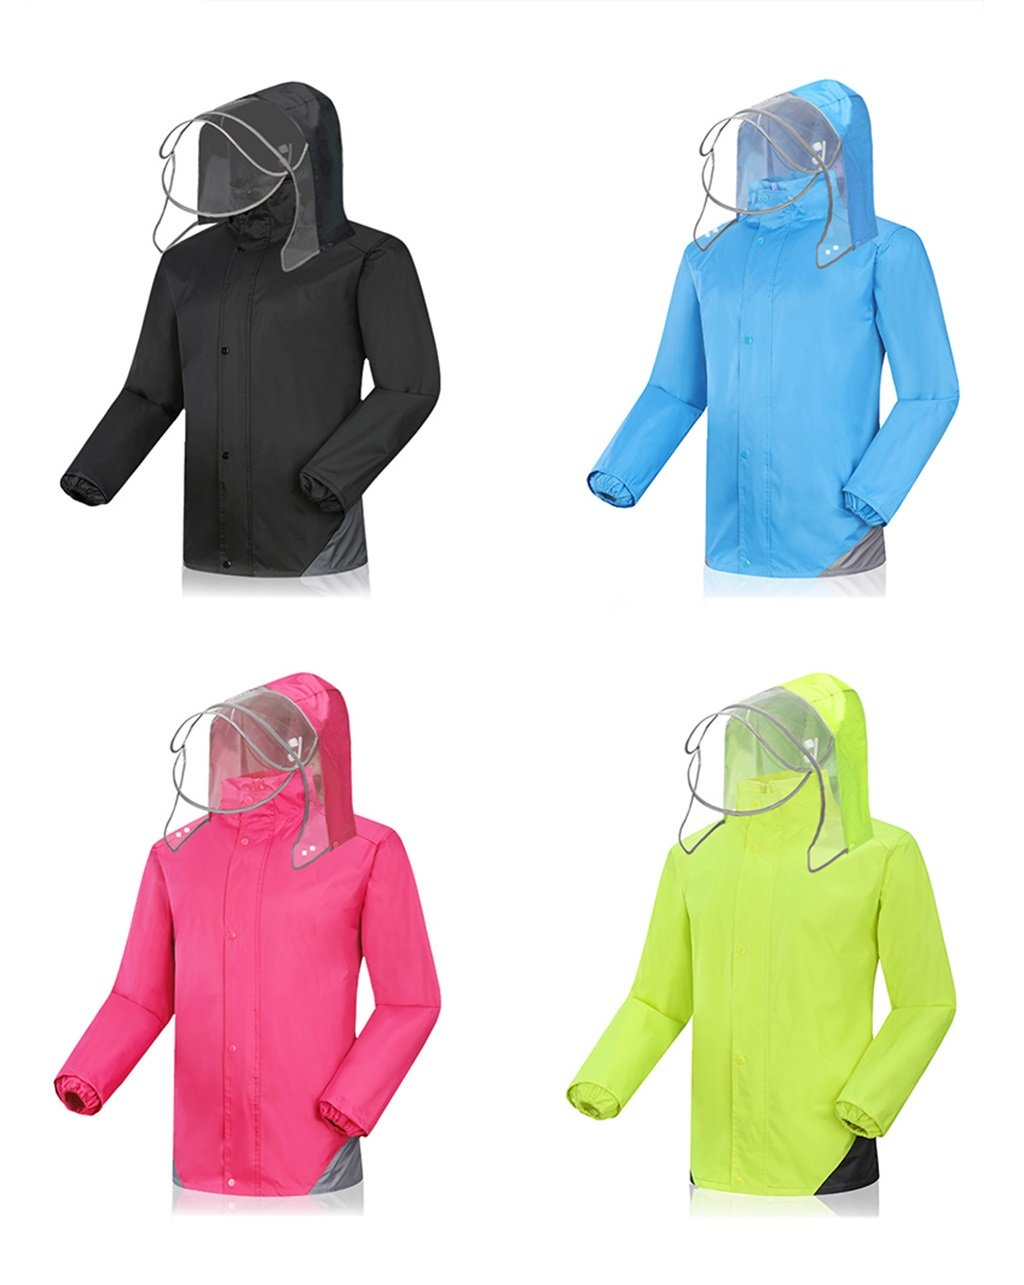 WQ-Regenjacken Einzelner männlicher männlicher männlicher und weiblicher aufgeteilter Regenmantel-Erwachsene Reitregen-Hosen-Satz kann wiederverwendet Werden (Farbe   schwarz, größe   XXXL) B07FJQ9Q6F Jacken Vollständige Spezifikationen b892ff